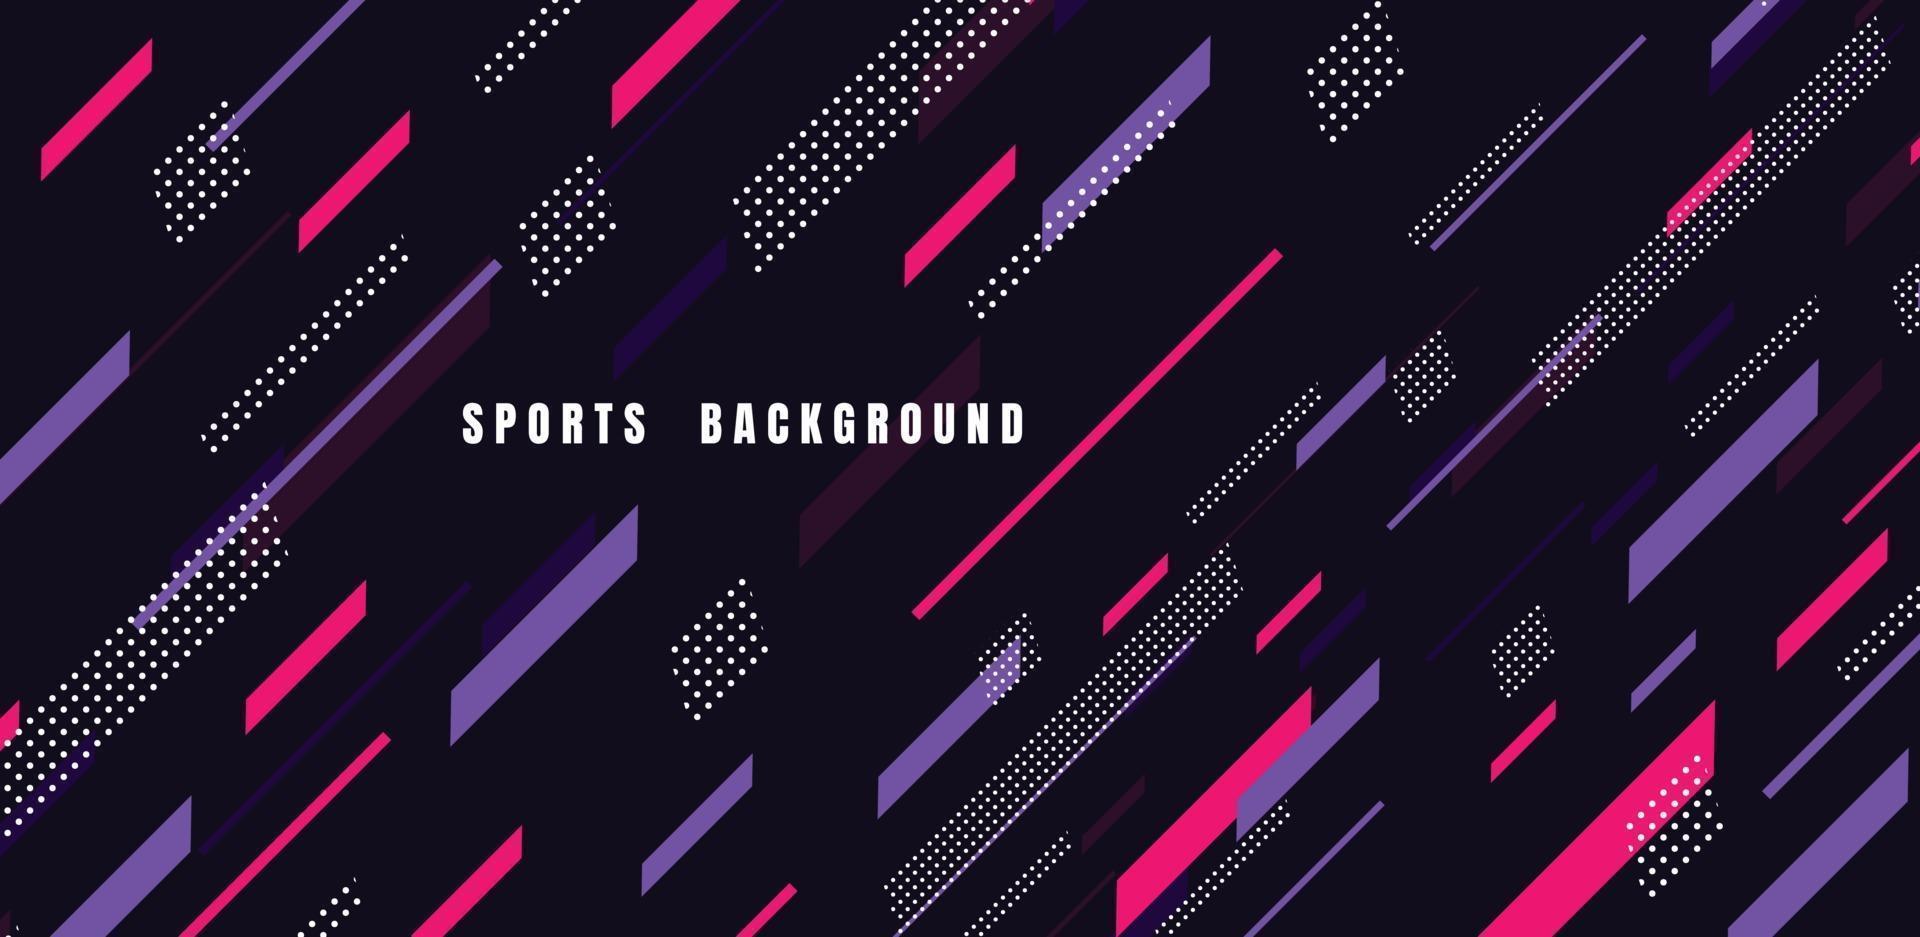 arte colorido abstracto para el fondo de los deportes. partículas dinámicas. elemento moderno de ciencia y tecnología con diseño de línea. ilustración vectorial vector